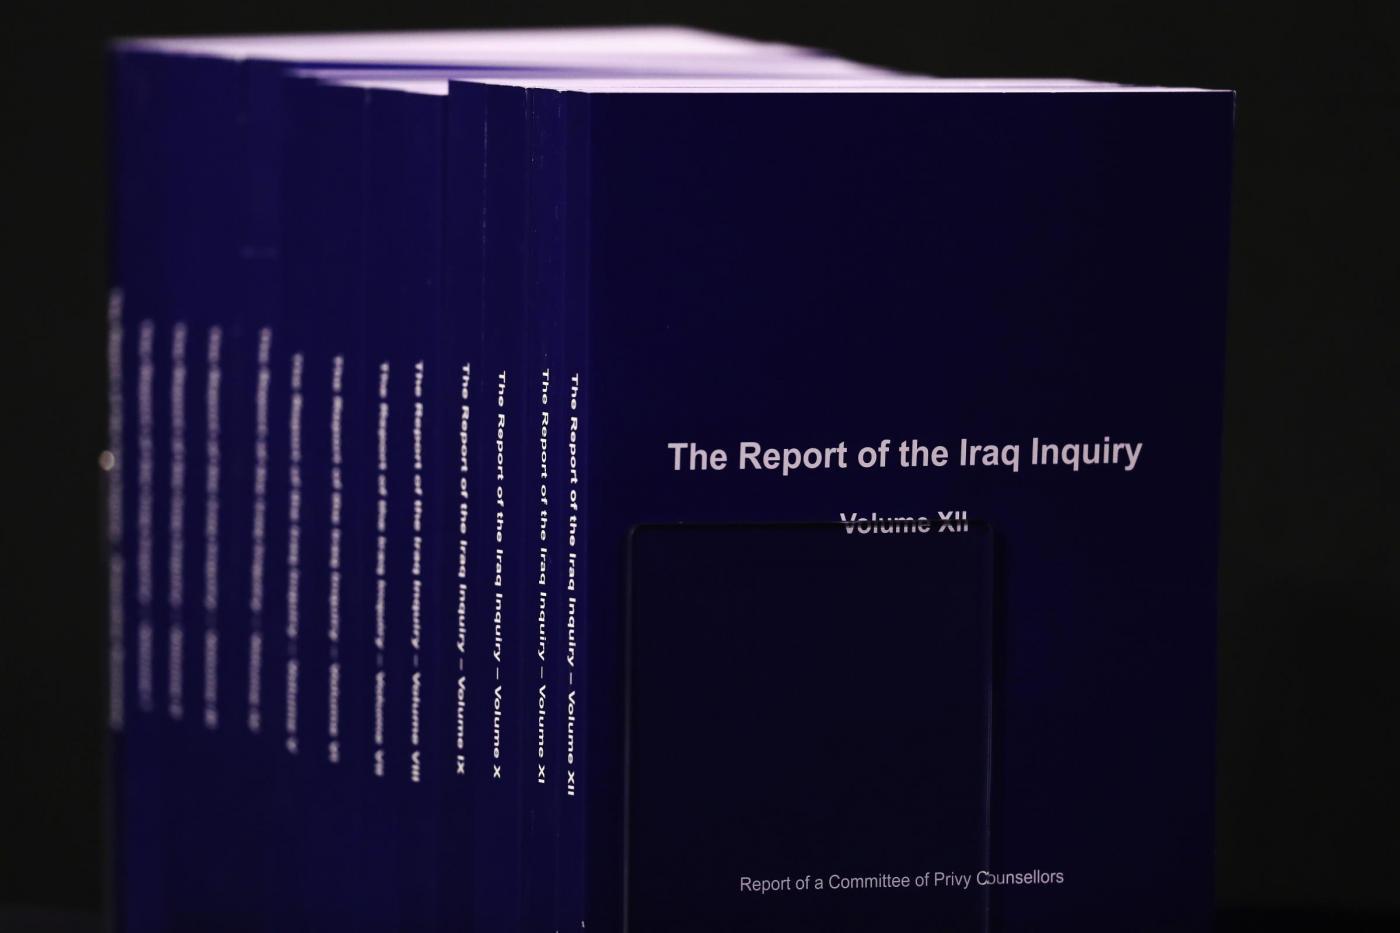 Rapporto Chilcot, l'intervento in Iraq da parte del Regno Unito fu una decisione avventata